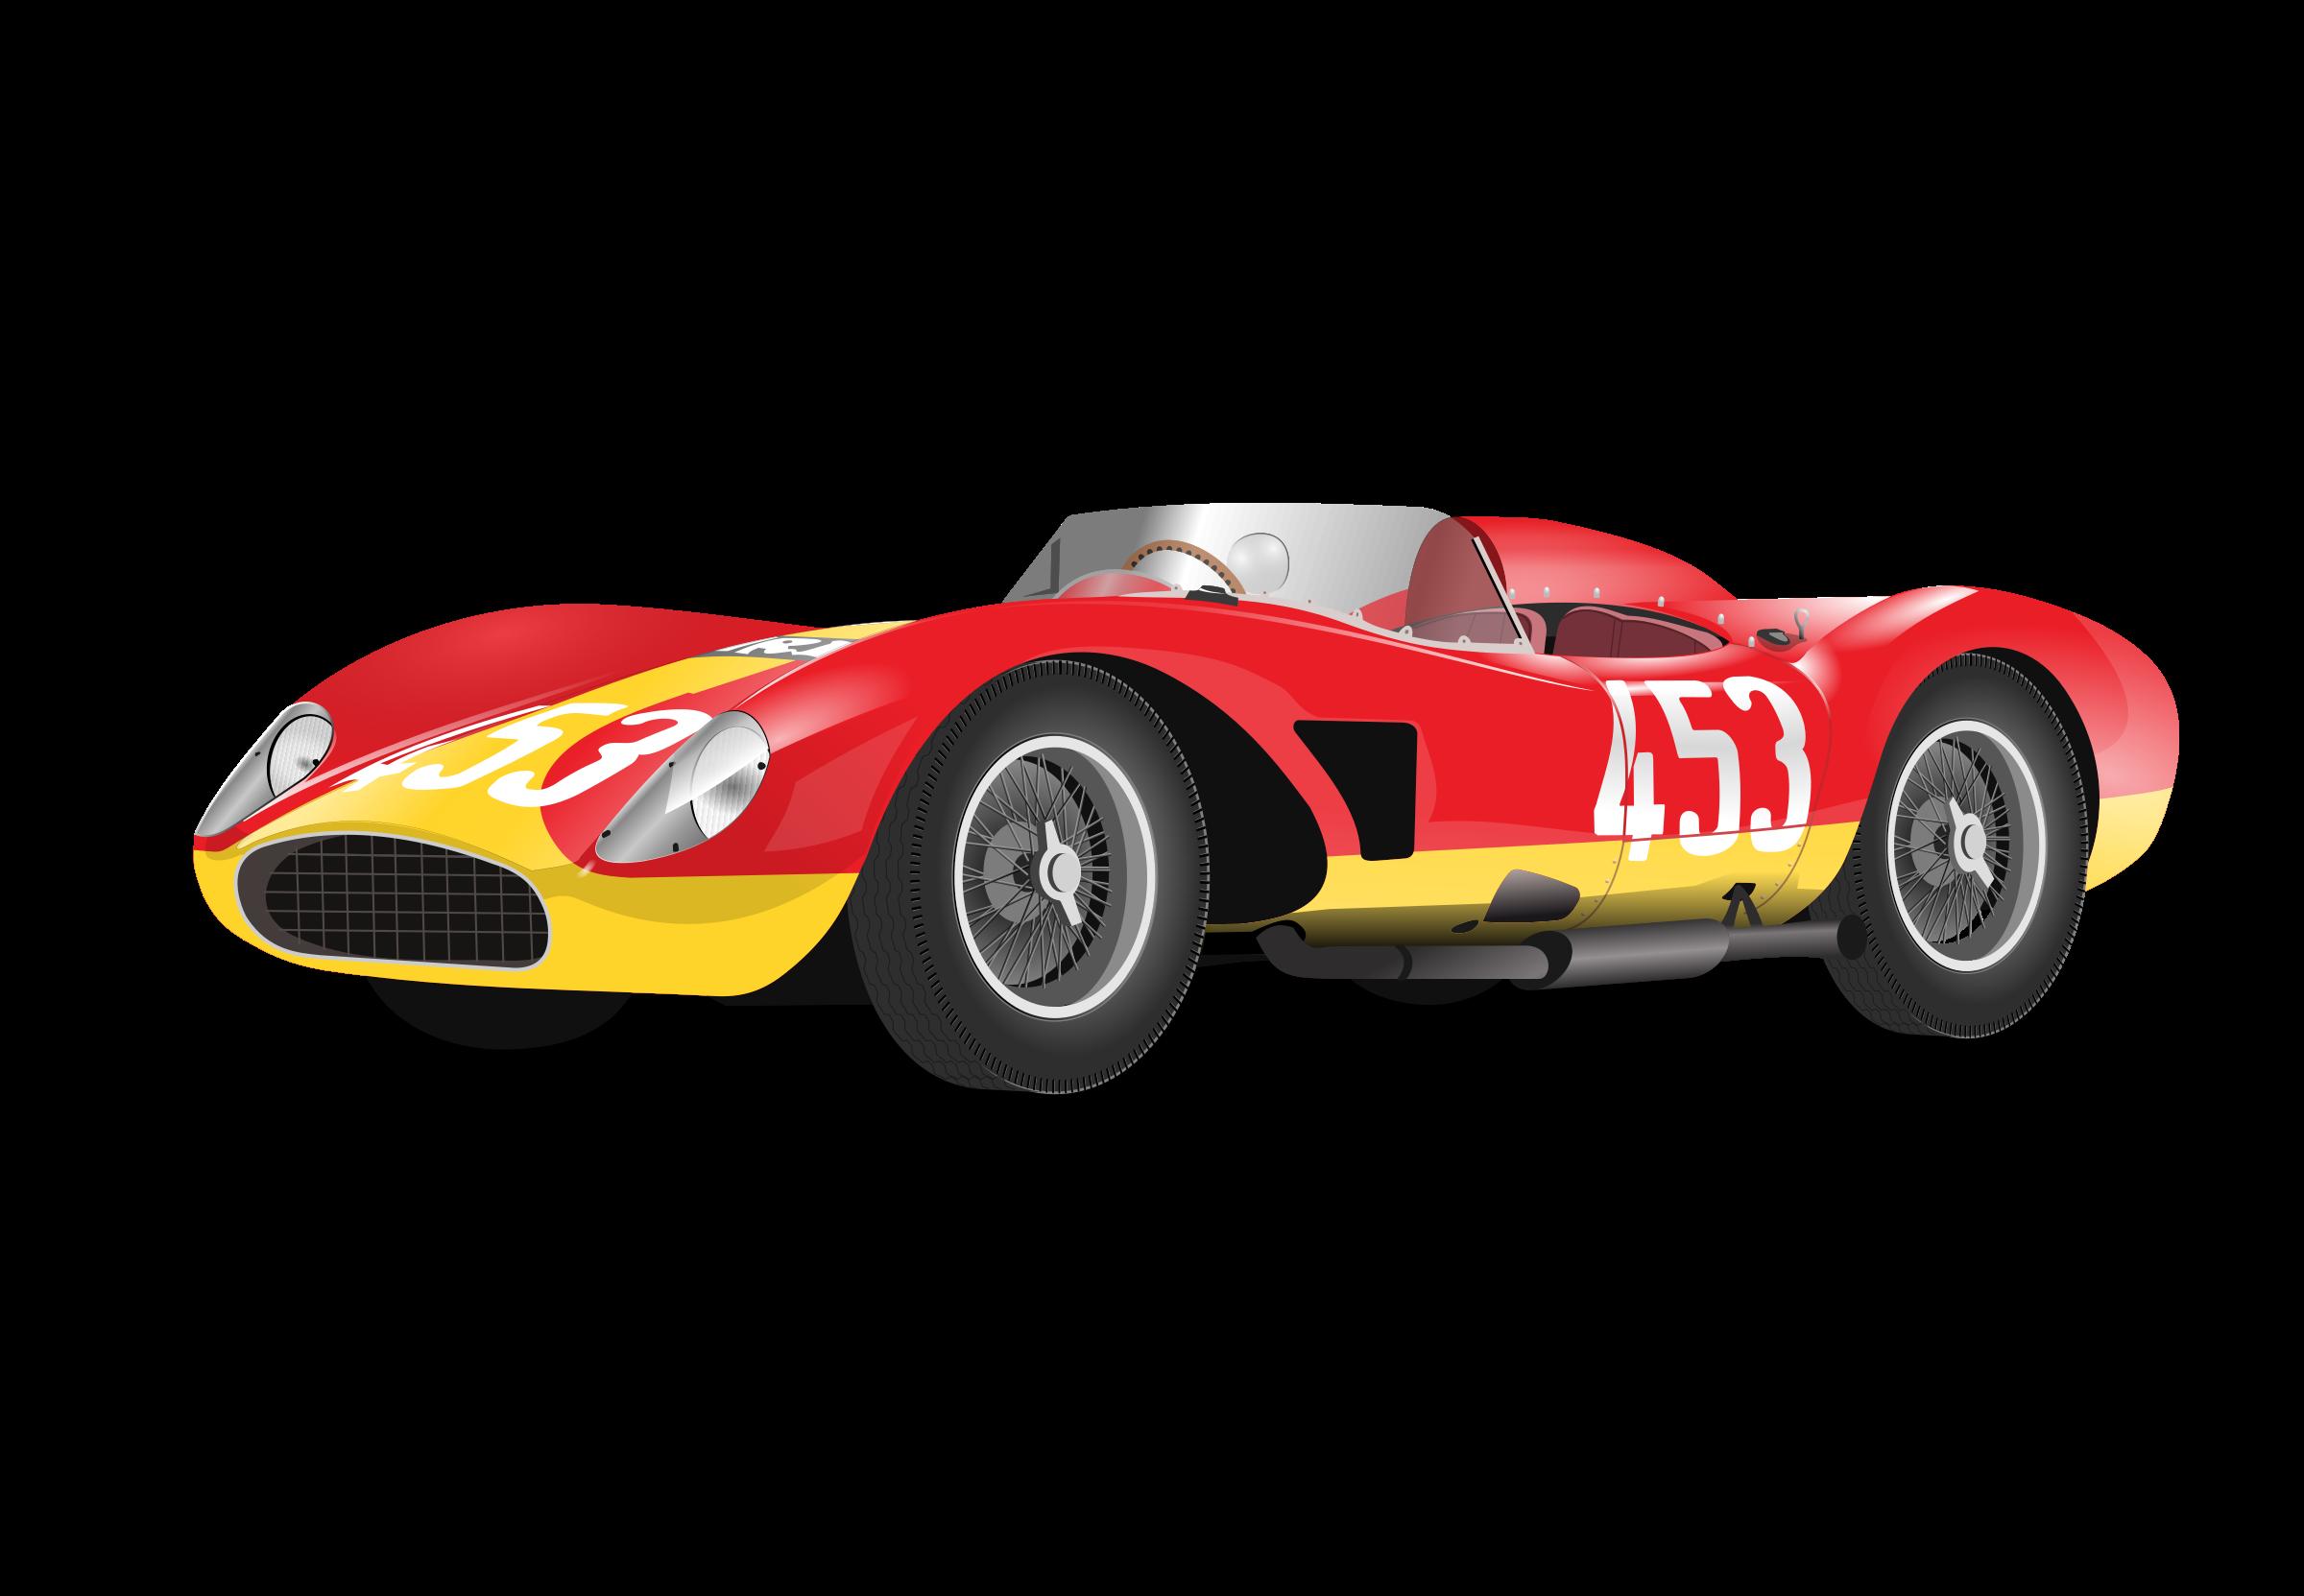 Race car clipart transparent graphic freeuse Clipart - red racing car (no logo) graphic freeuse